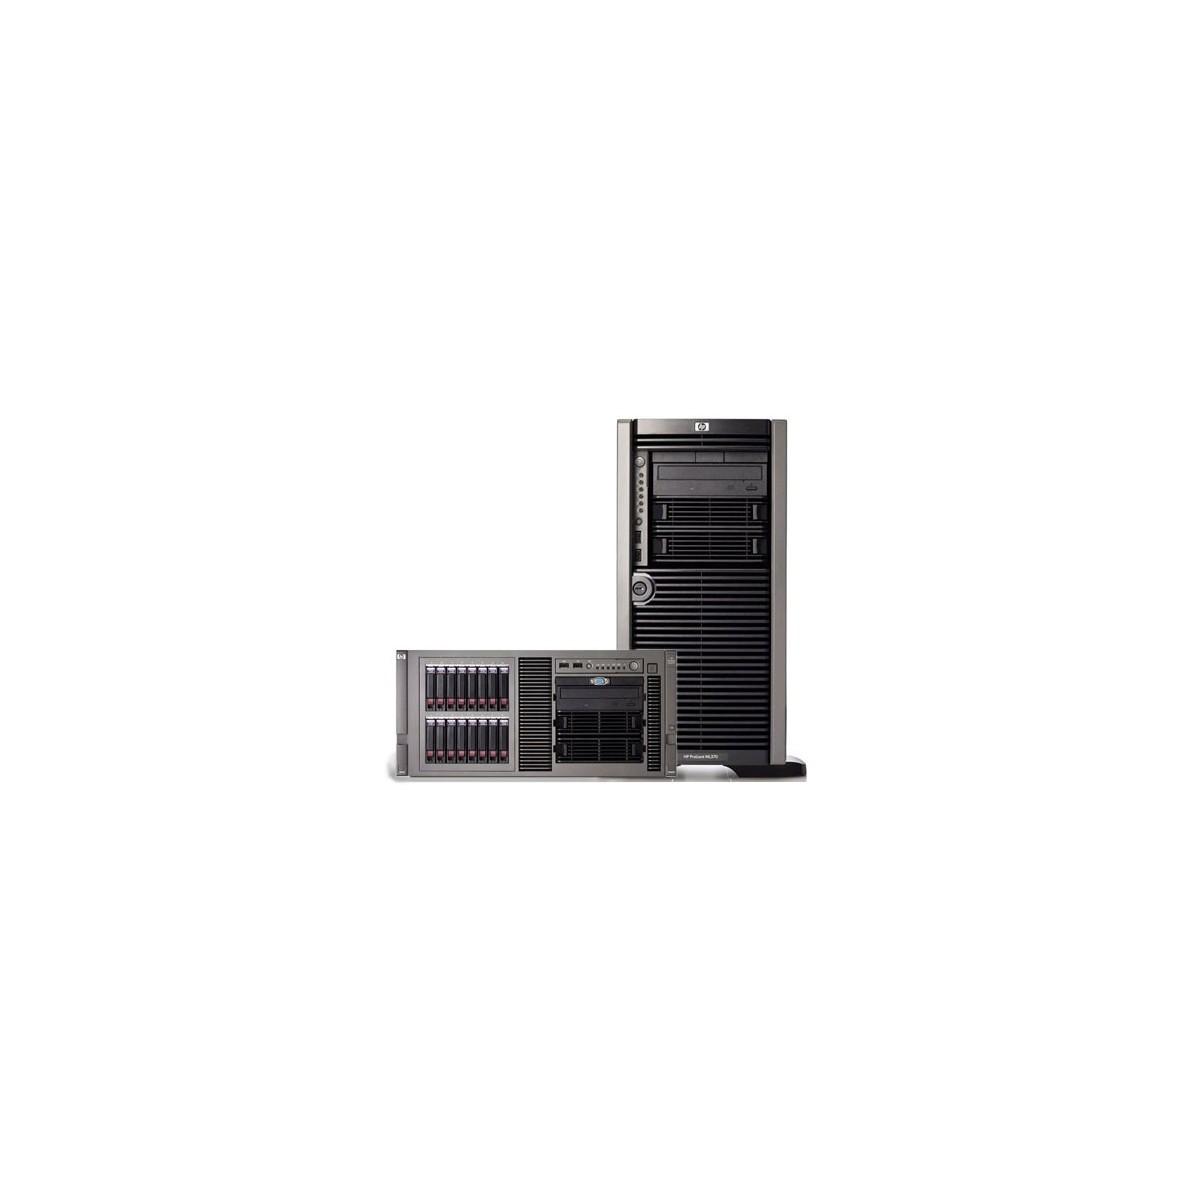 HP DL370 G6 2,4QC 16GB 2x300 P410i 2xPSU SZYNY